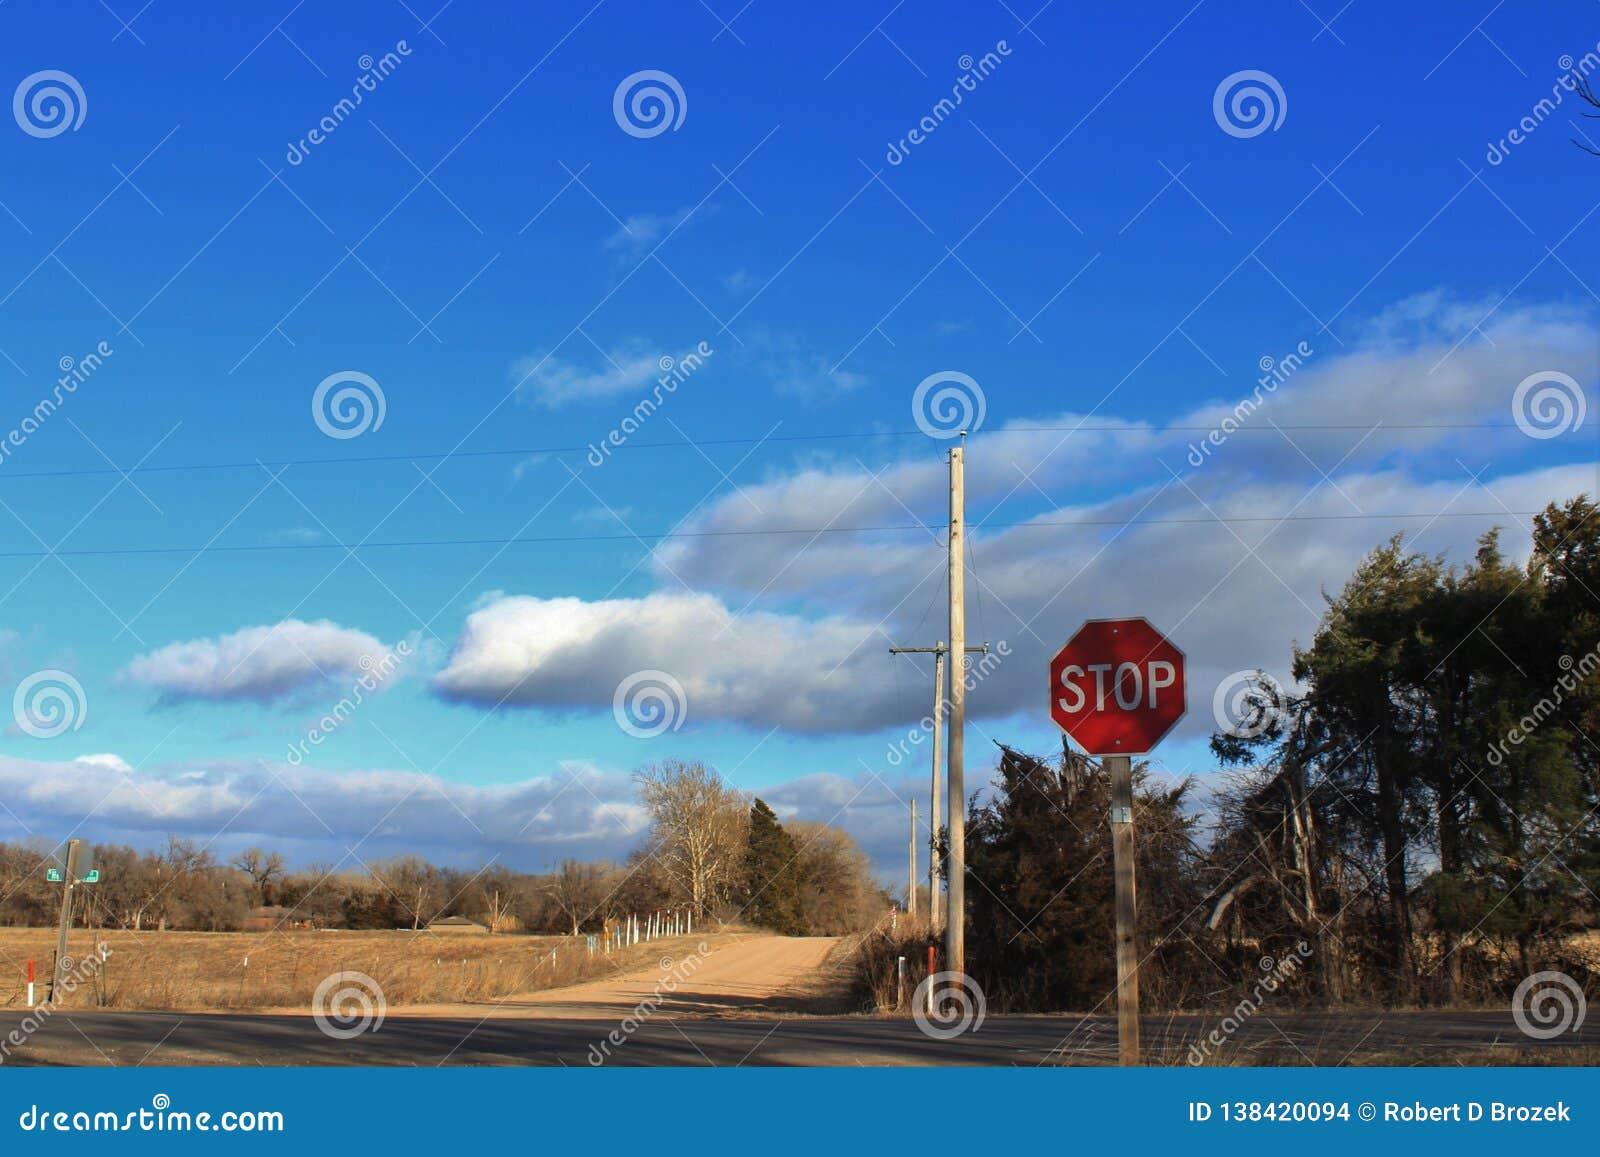 Kansas-Land-Straße mit blauem Himmel, Wolken und einem Stoppschild